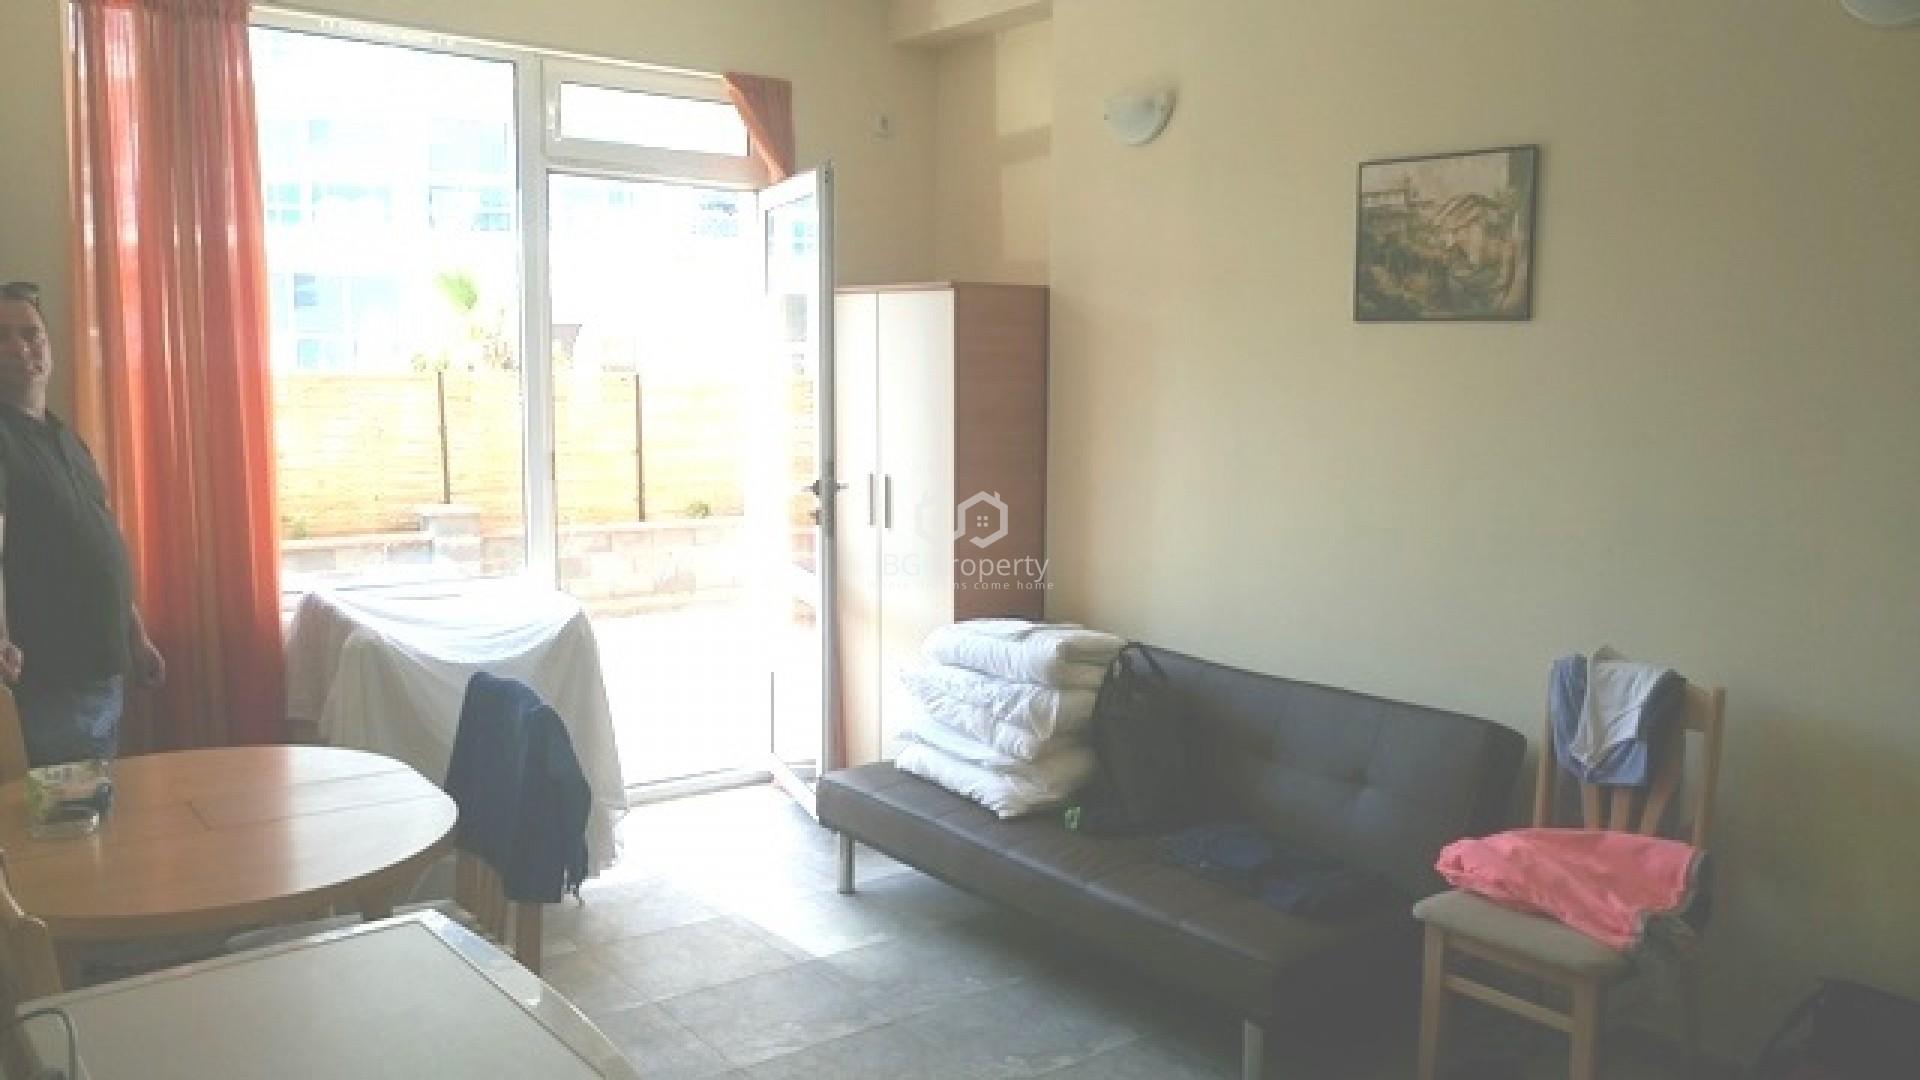 Einzimmerwohnung in Sonnenstrand 41 m2